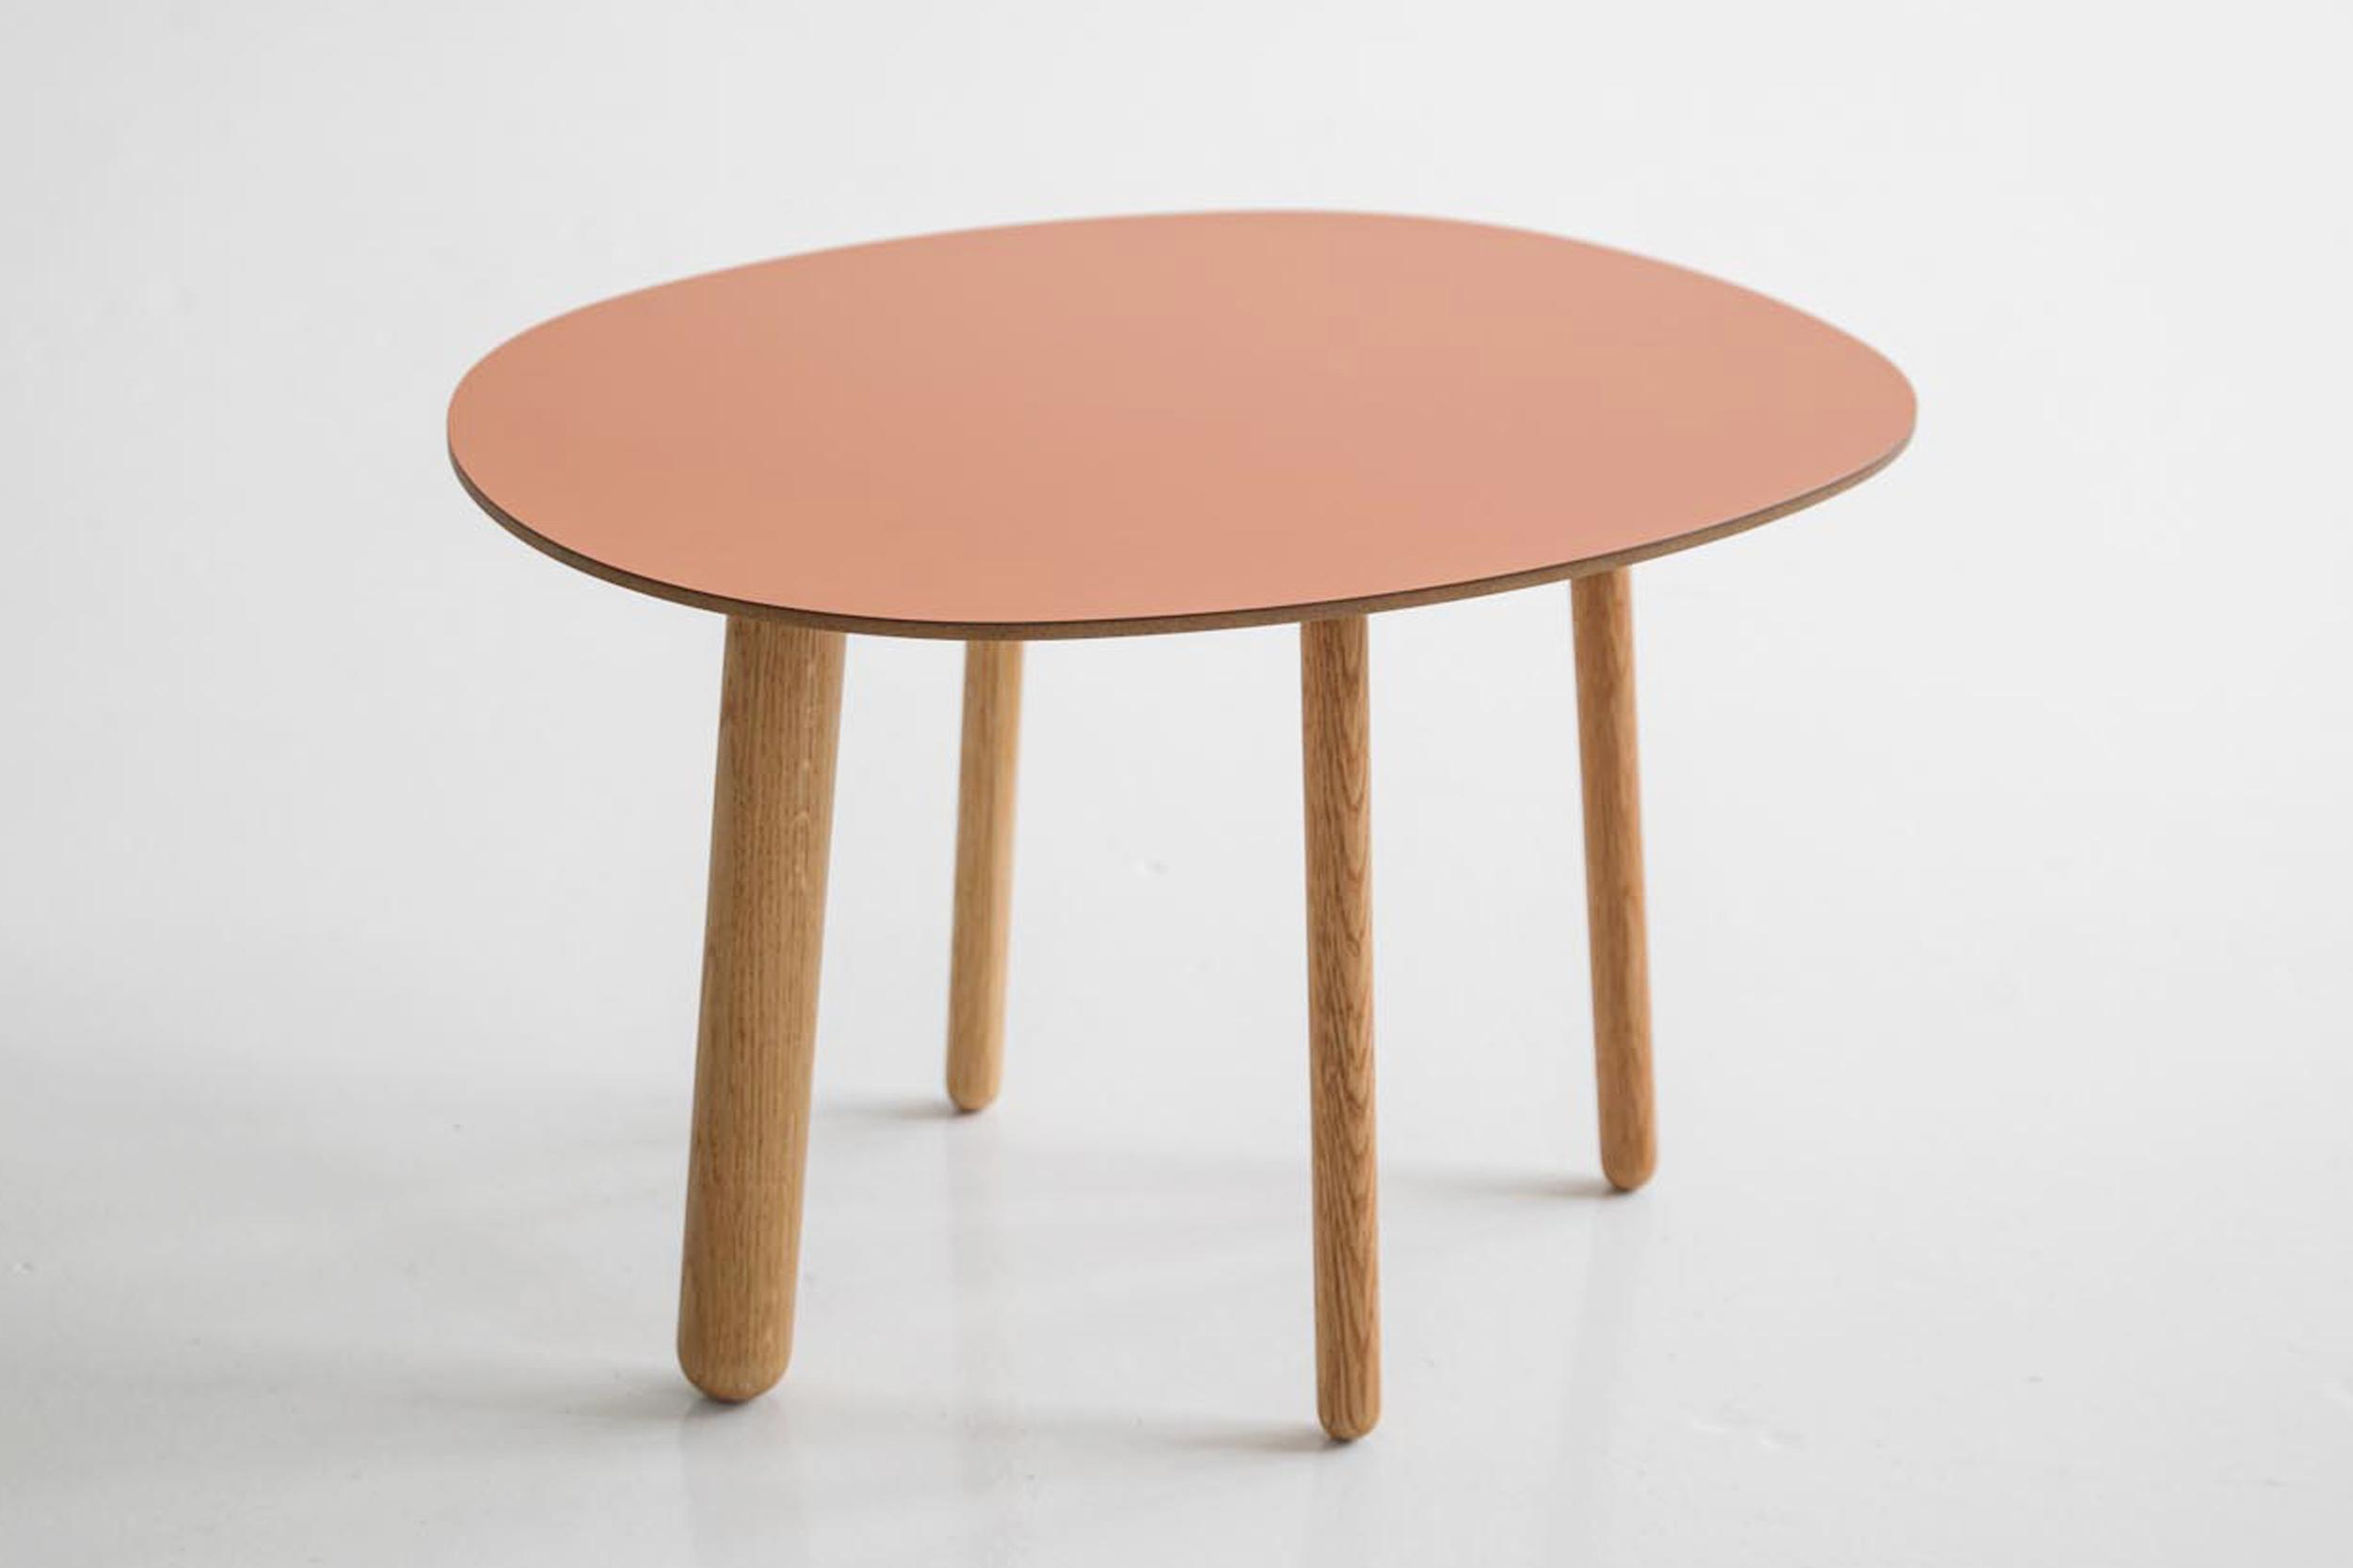 Morris coffee table model 2 in matte terracotta